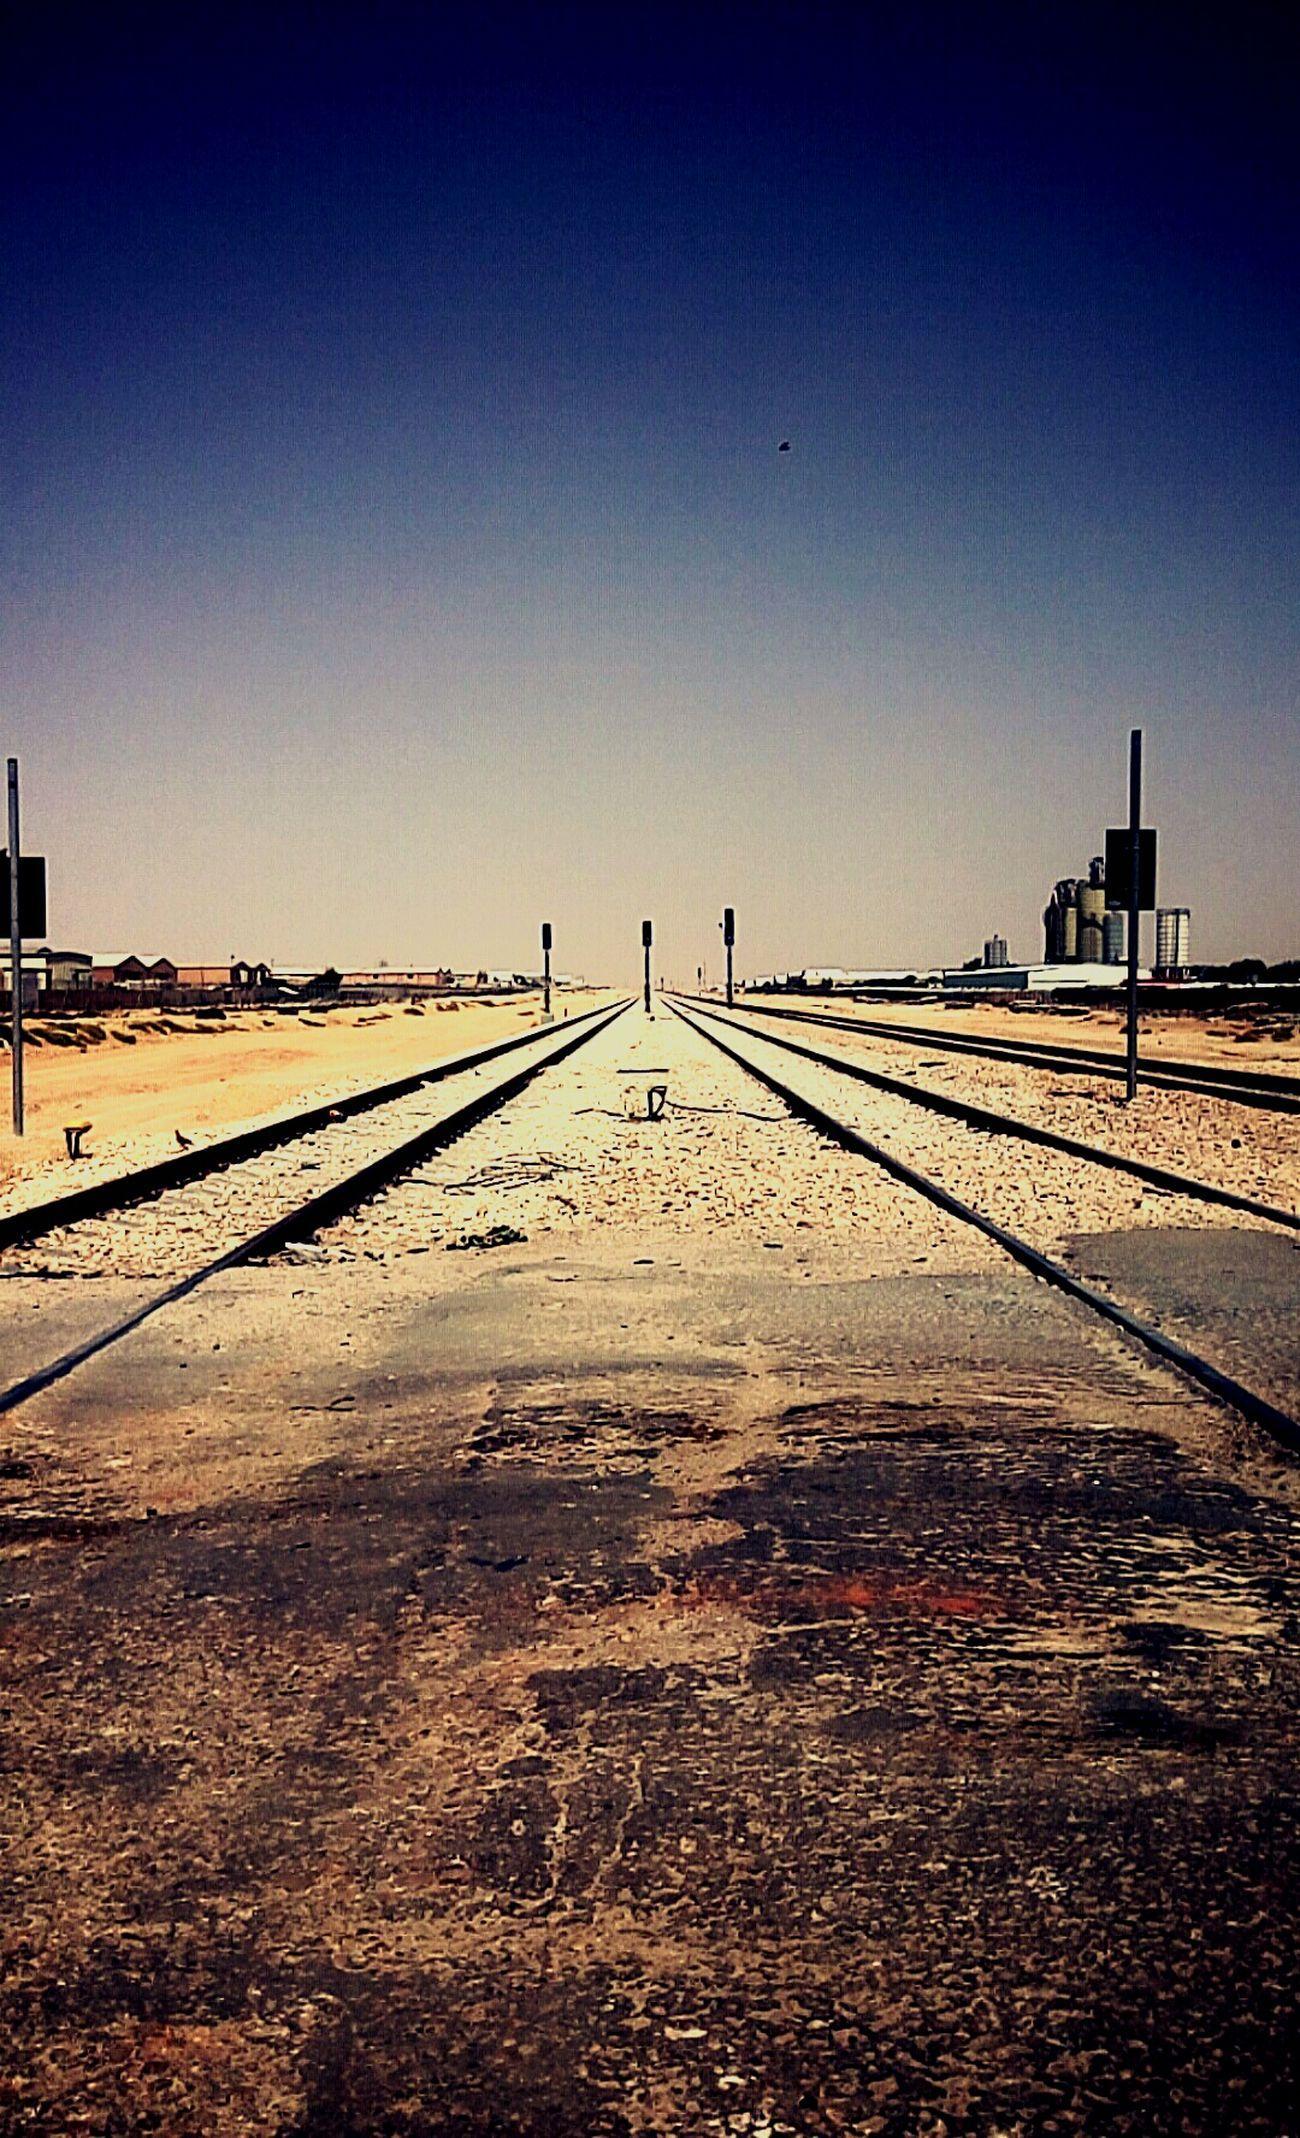 الرياض رمضان قطار سكة حديد